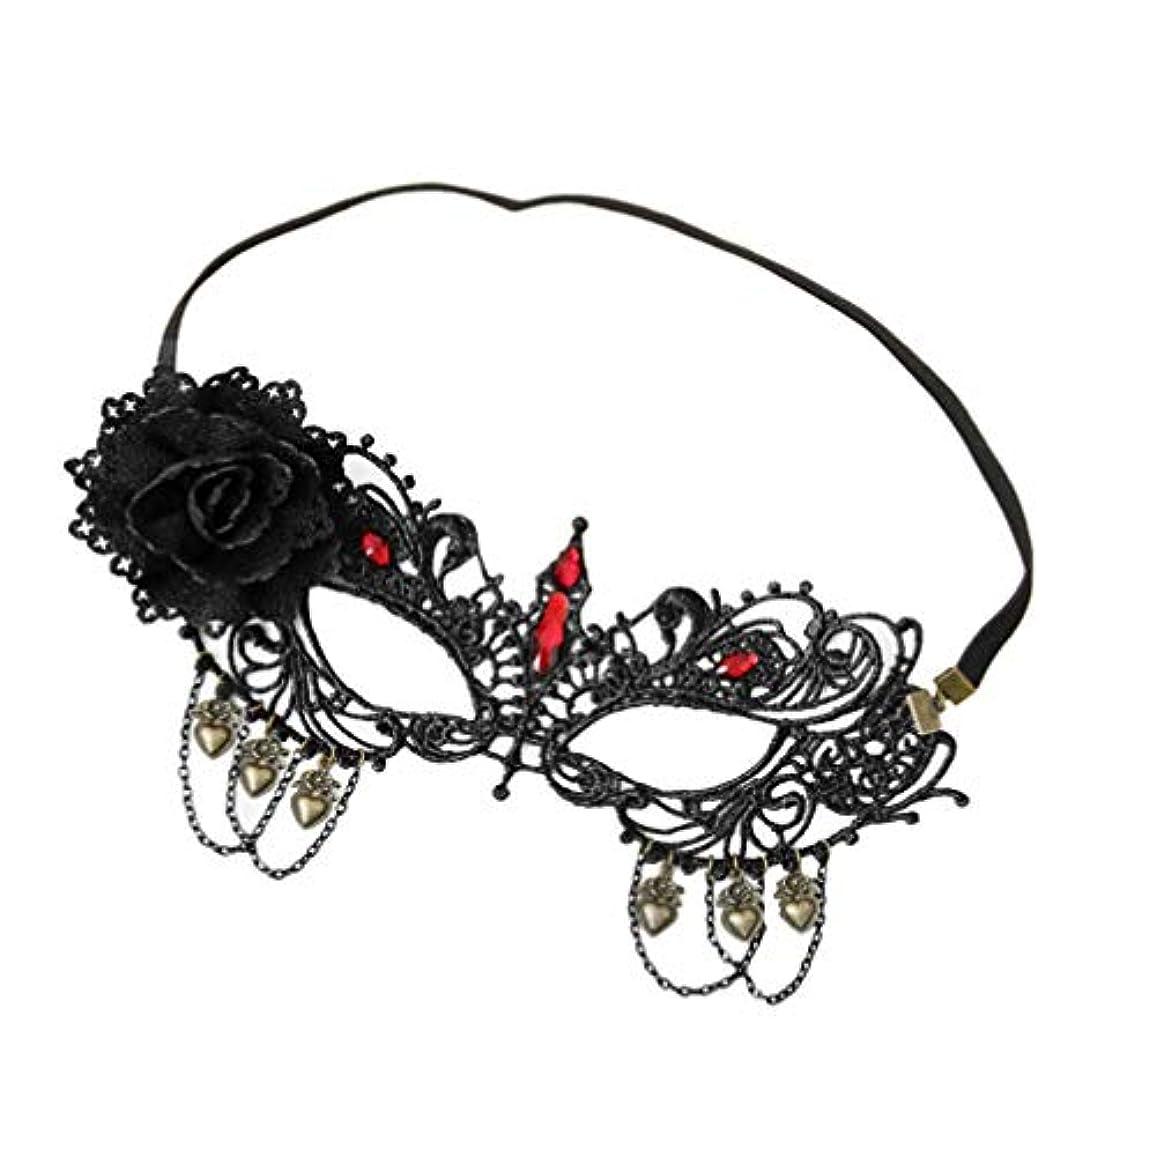 読みやすさ要求項目SUPVOX ラインストーン付きレースハーフフェイスマスクマスカレードパーティー仮装衣装ハロウィンのための花の調節可能なカットアウト